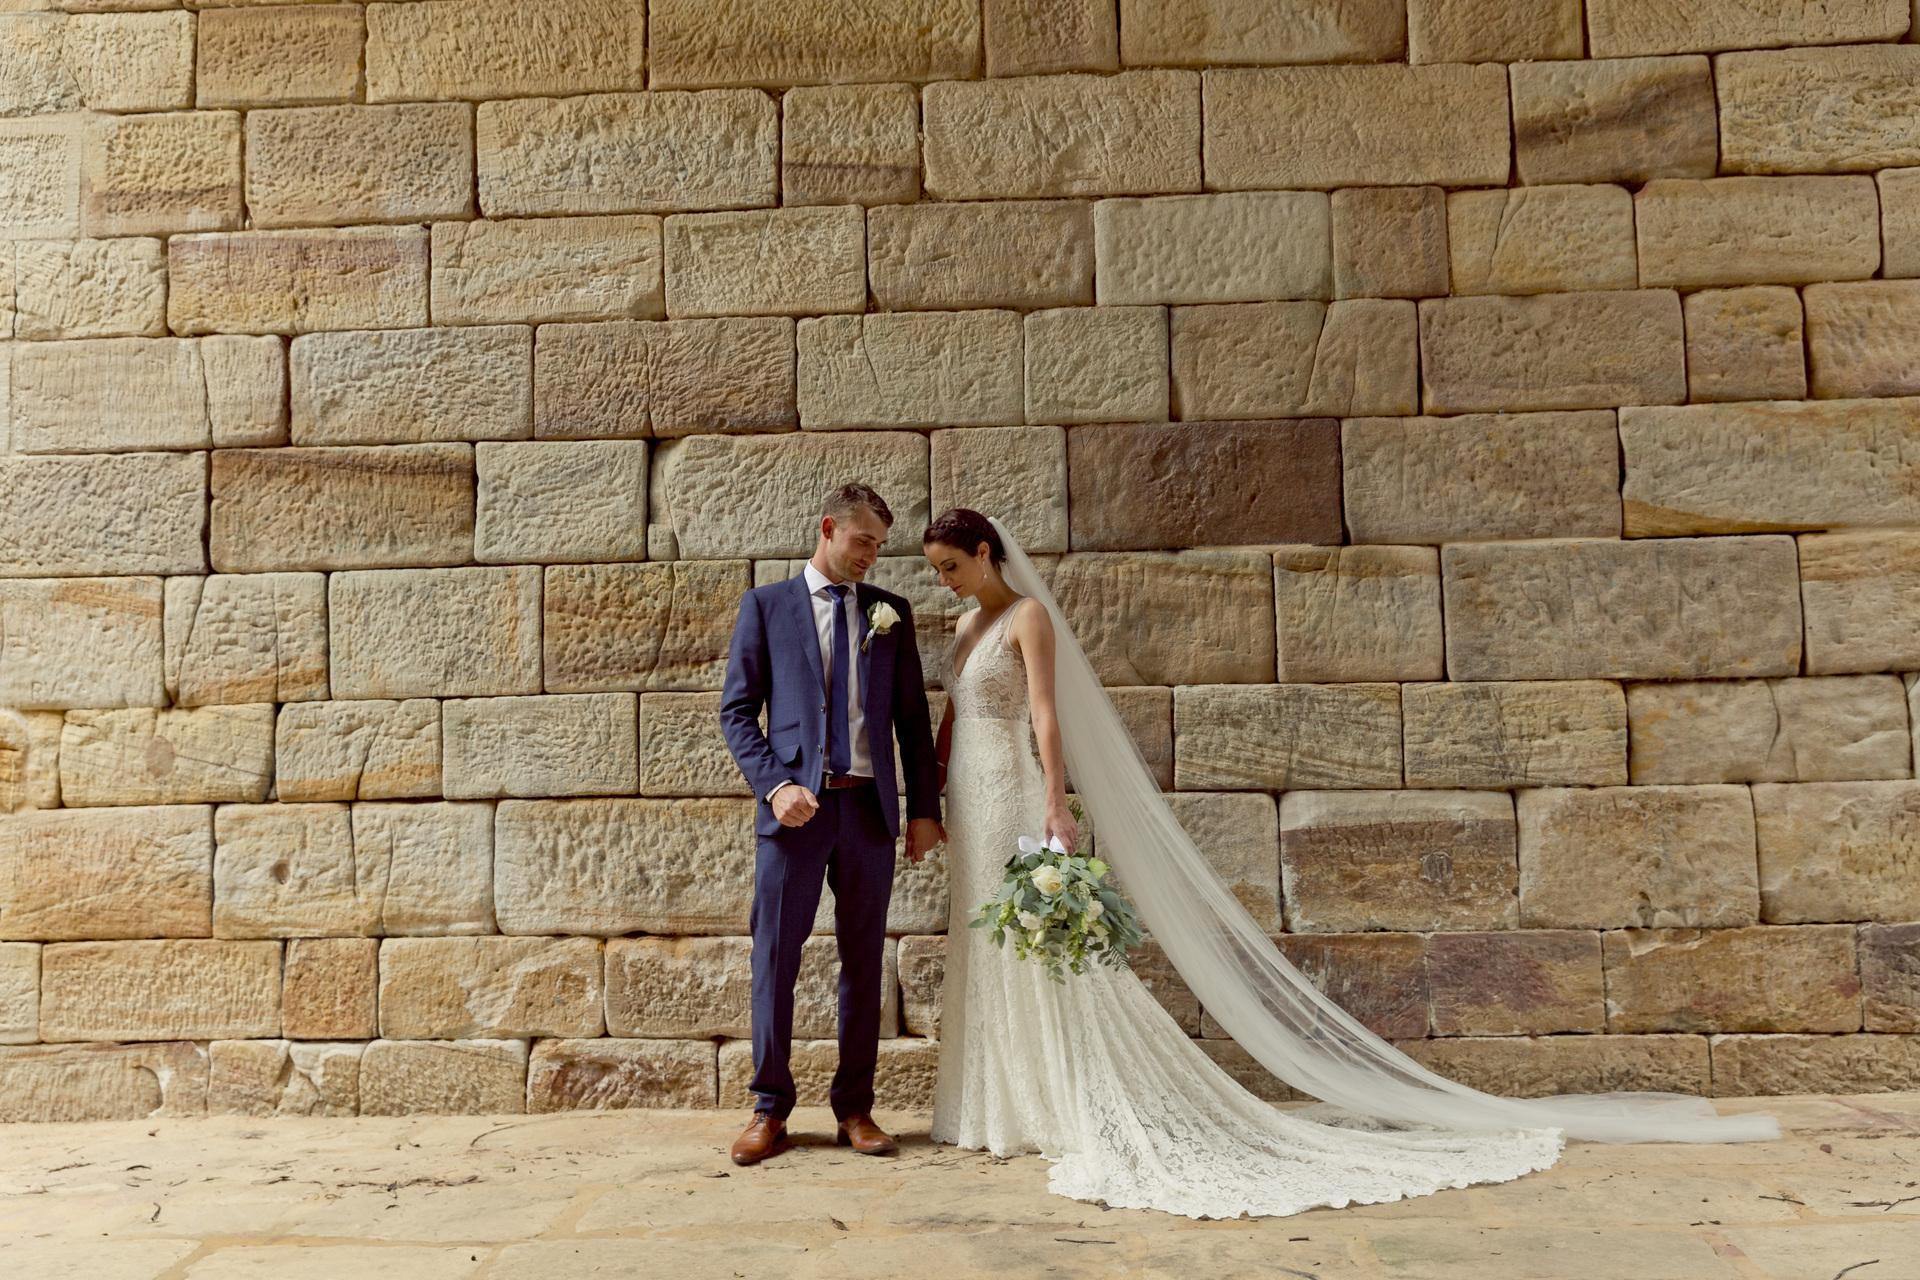 Penrith bride and groom